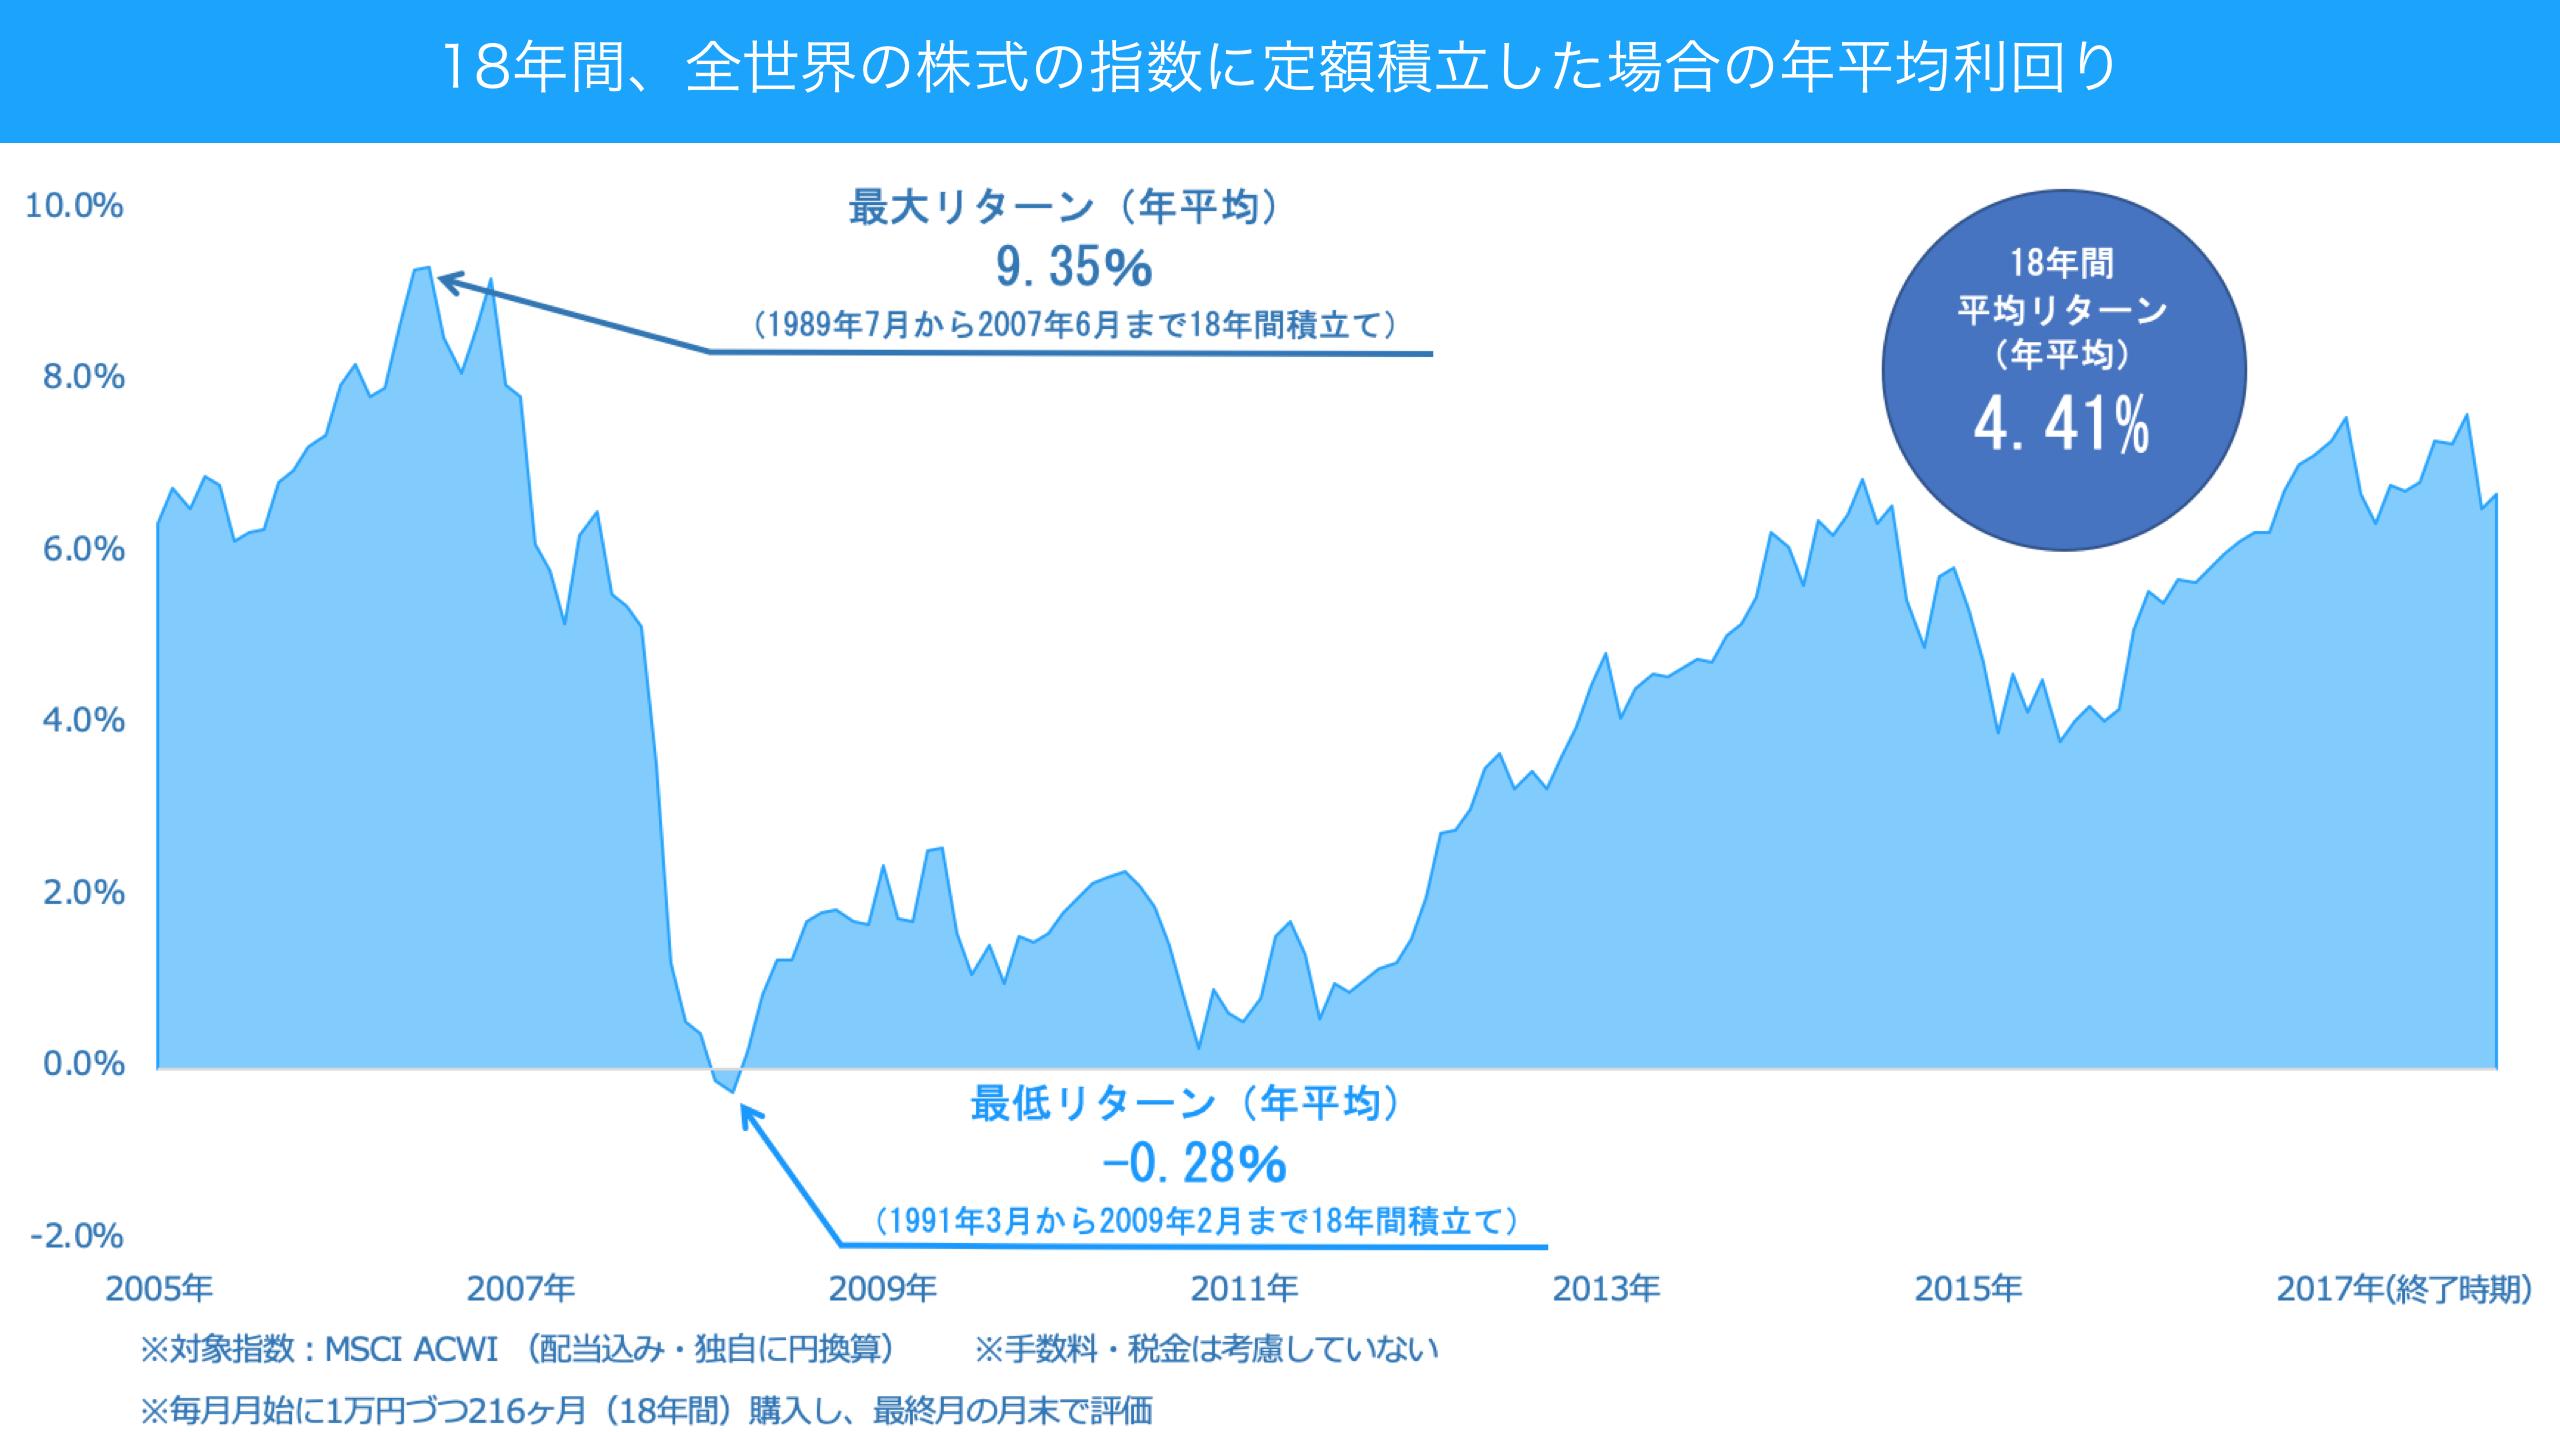 18年間、全世界の株式の指数に定額積立した場合の年平均利回り